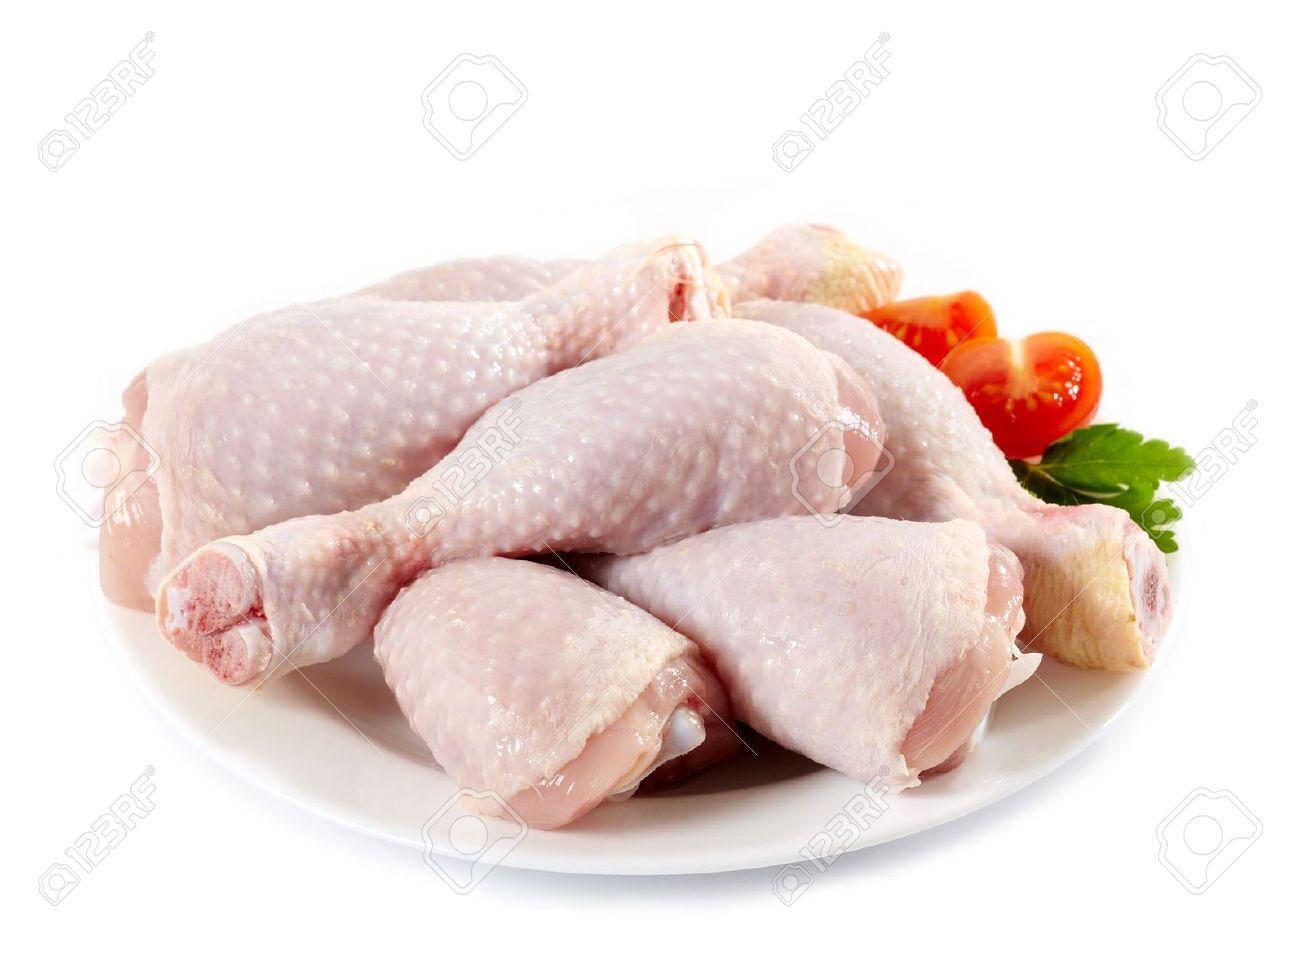 chicken meat benefits